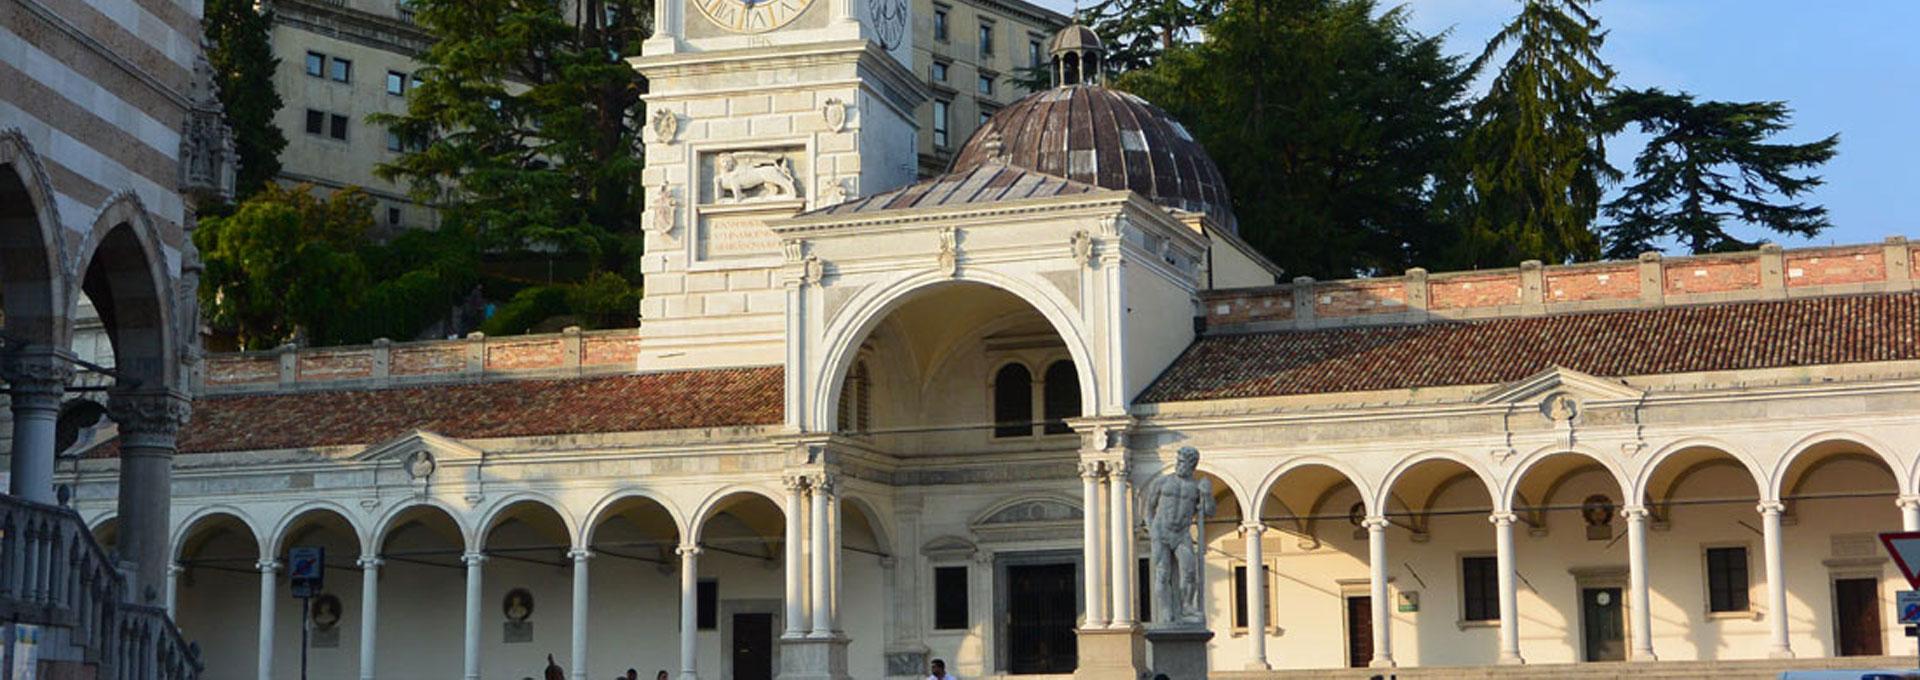 Il pi grande resort del friuli venezia giulia tourism for Dove soggiornare a venezia